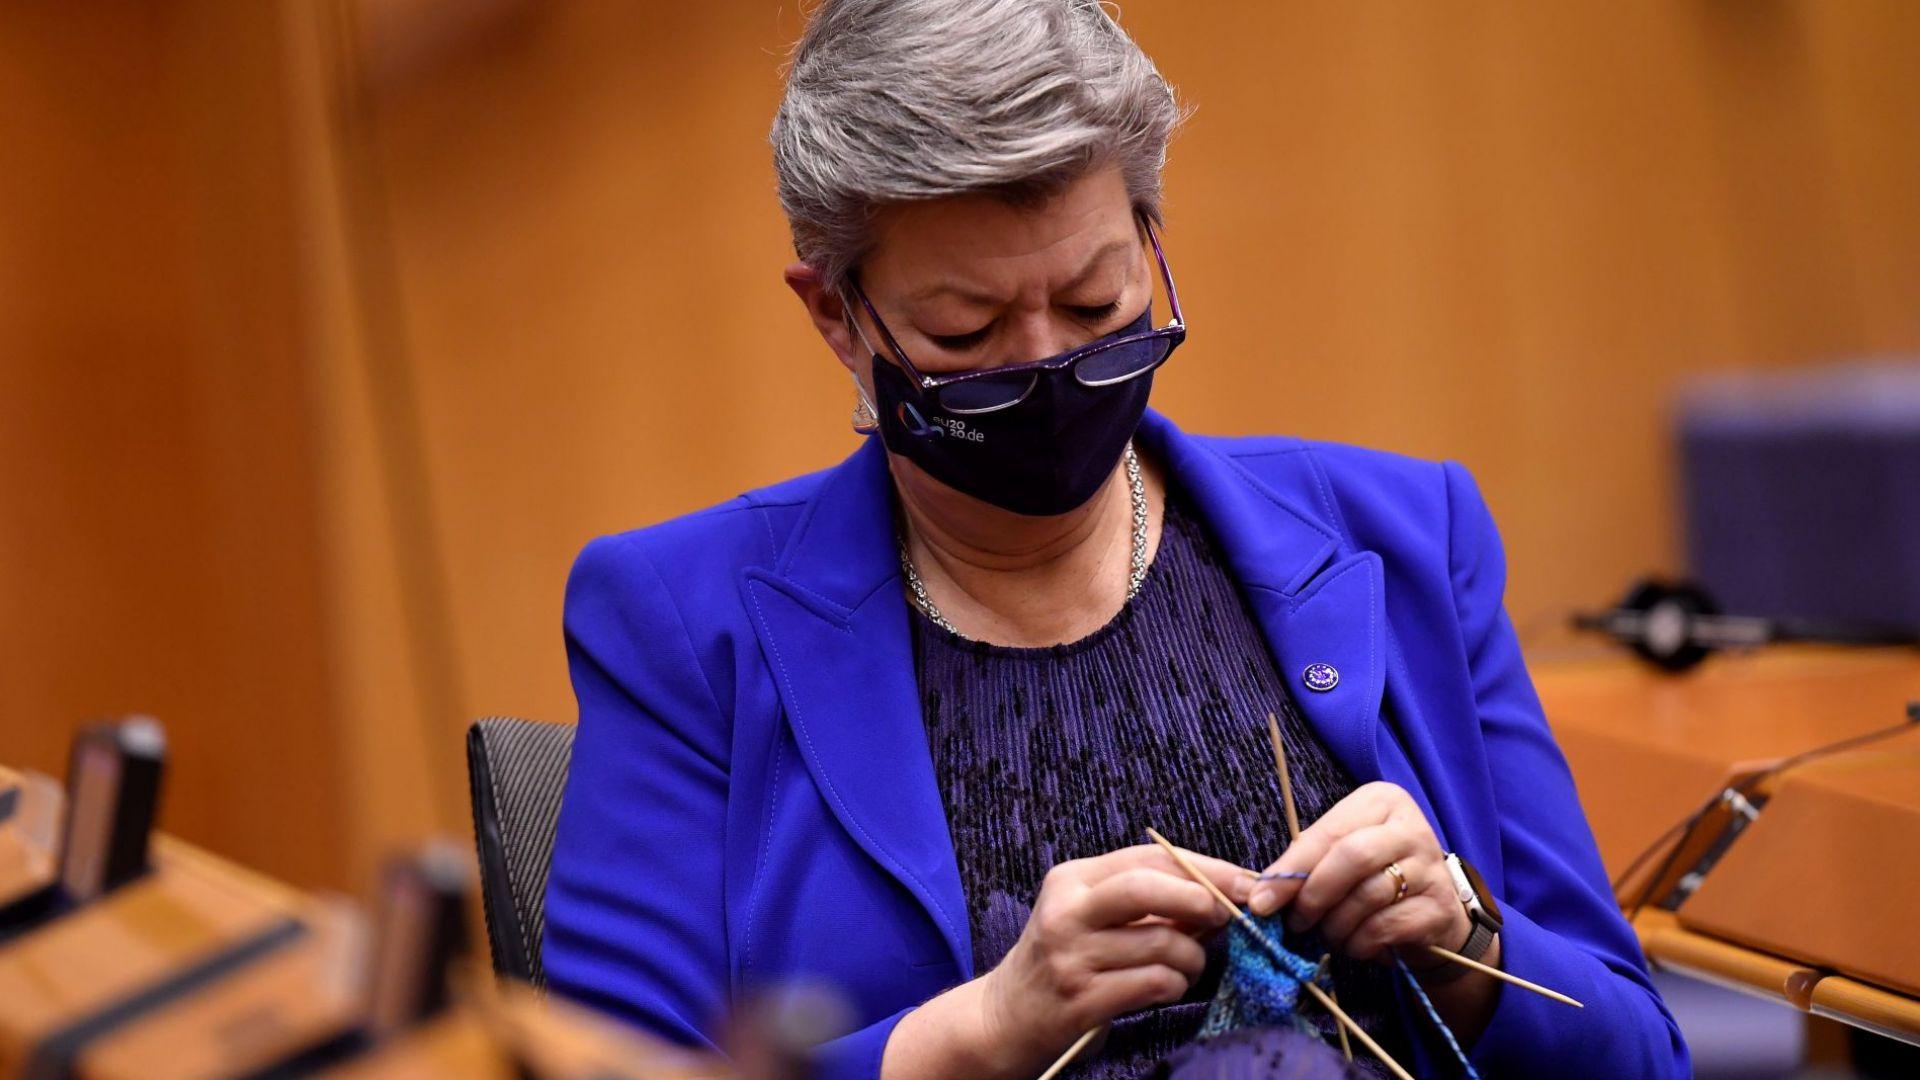 Еврокомисар хвана плетката по време на дебат в ЕП за ваксинацията